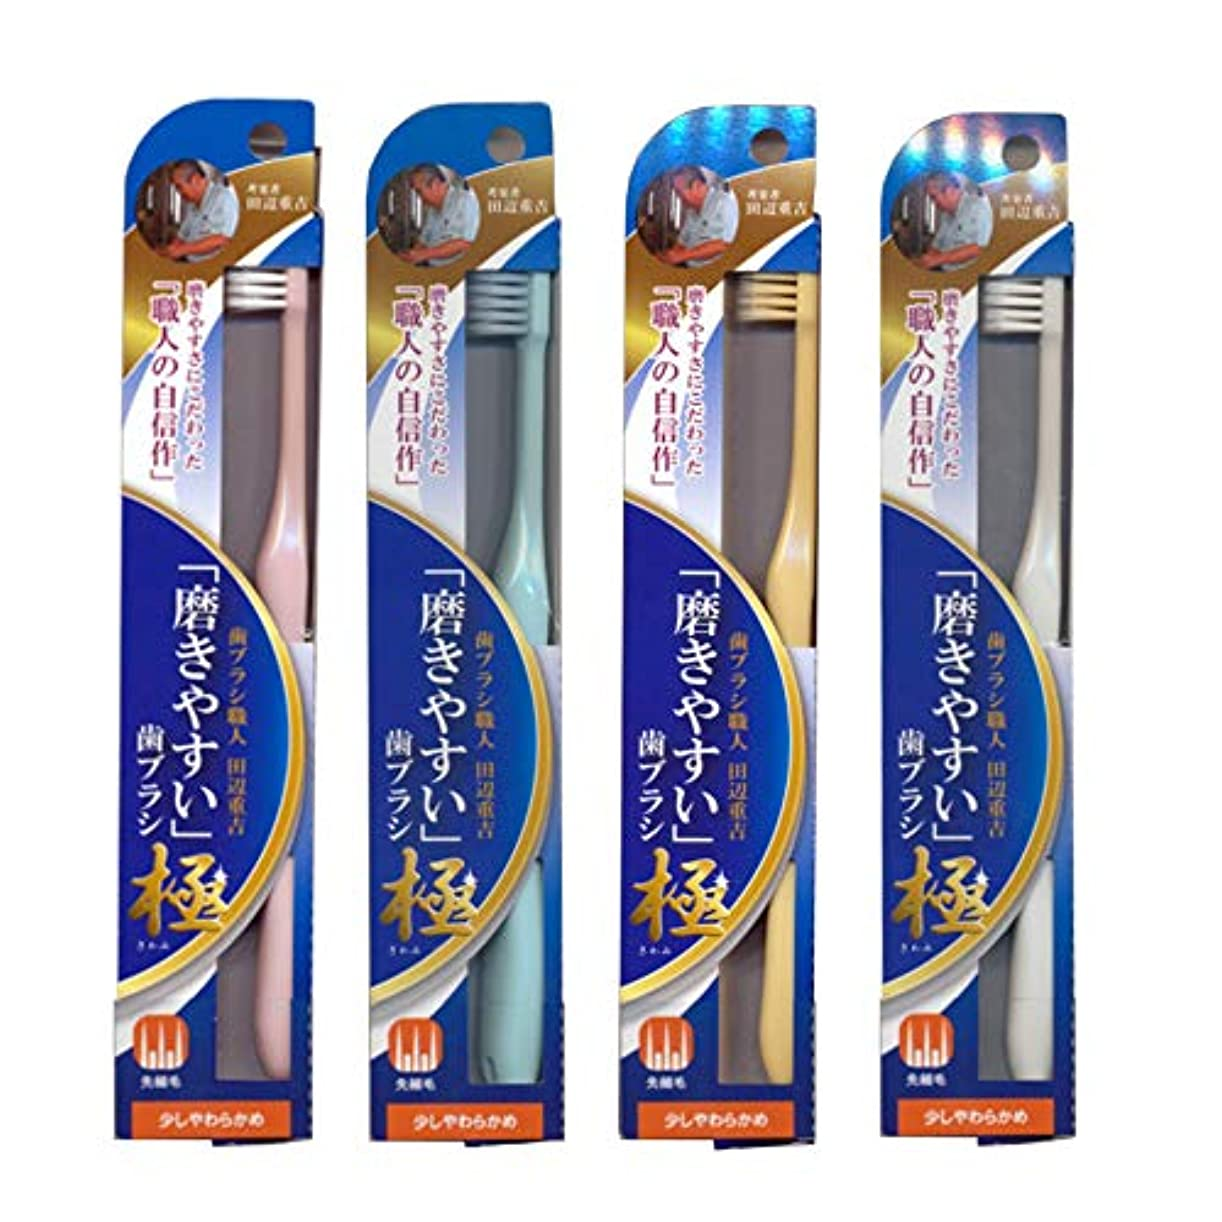 霊排気レオナルドダ磨きやすい歯ブラシ極 (少し柔らかめ) LT-43×4本セット(ピンク×1、ブルー×1、ホワイト×1、イエロー×1) 先細毛